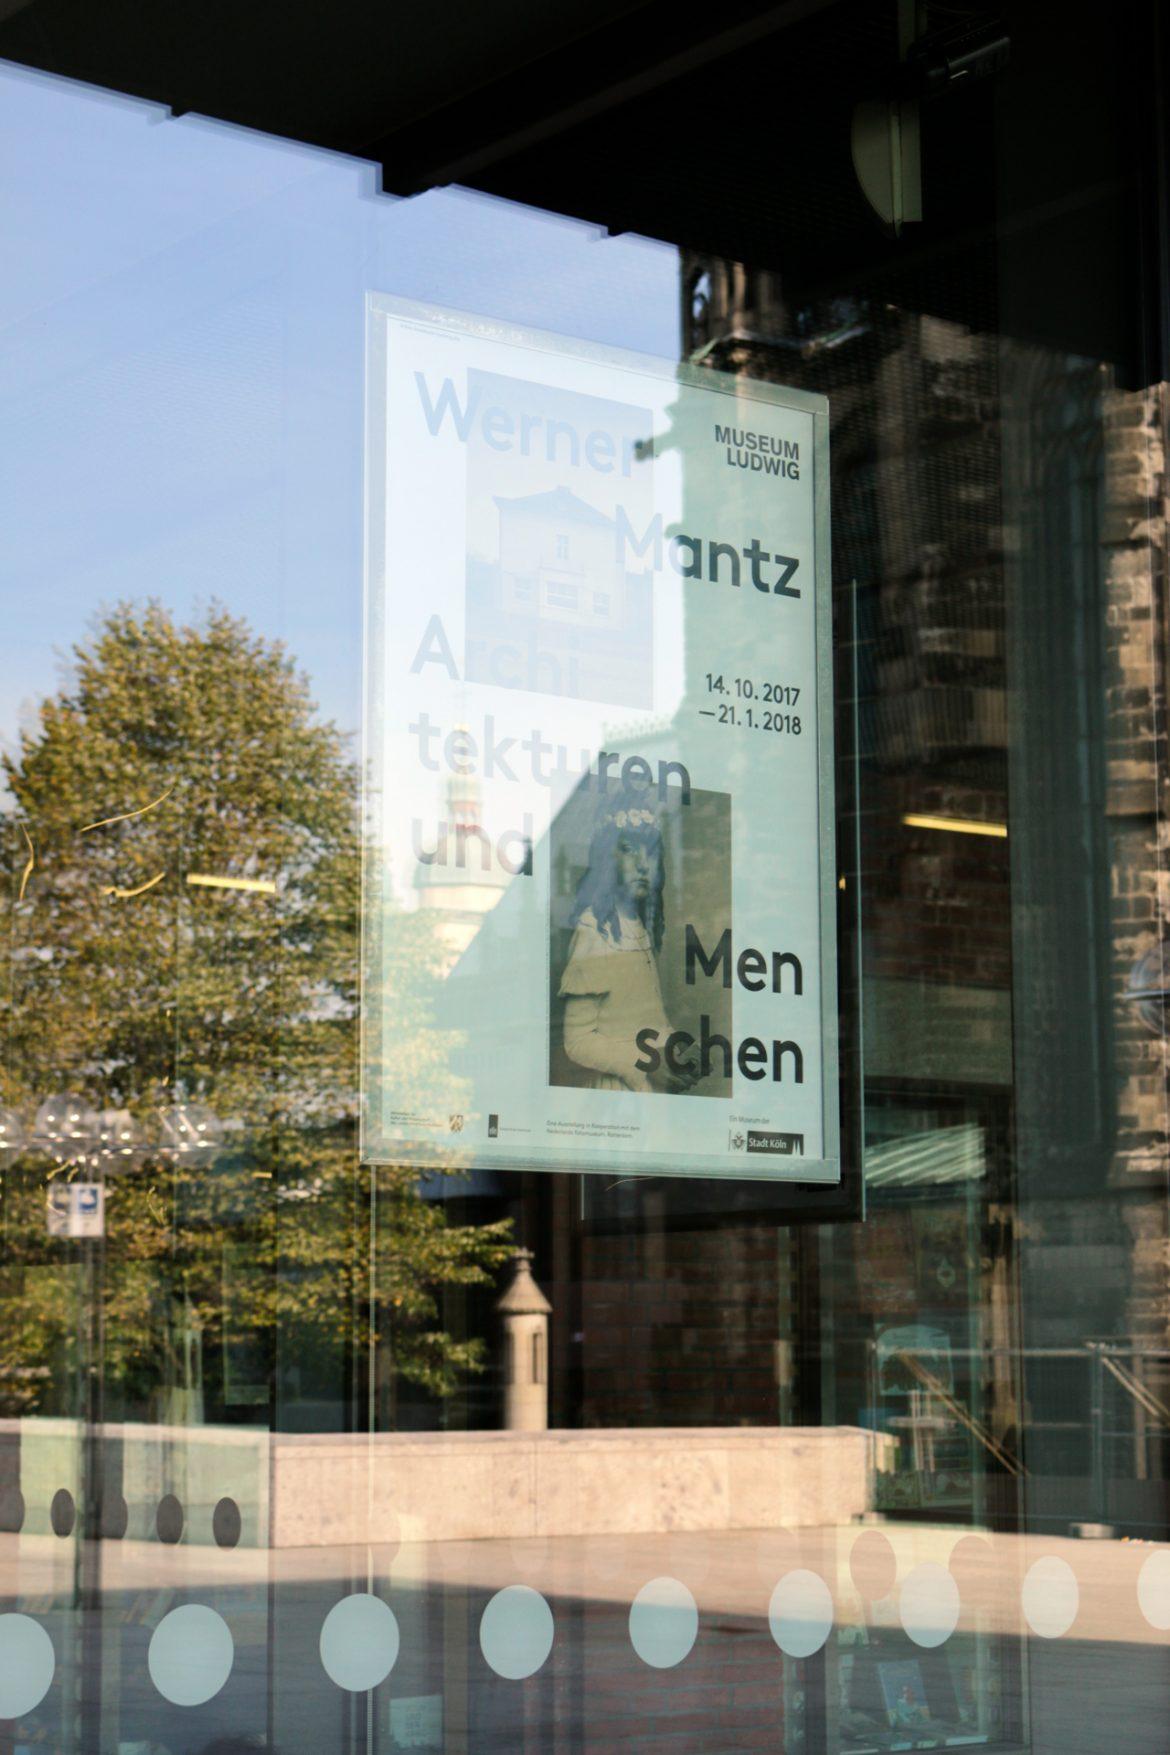 bureaumathiasbeyer_museumludwig_wernermantz_02 Museum Ludwig